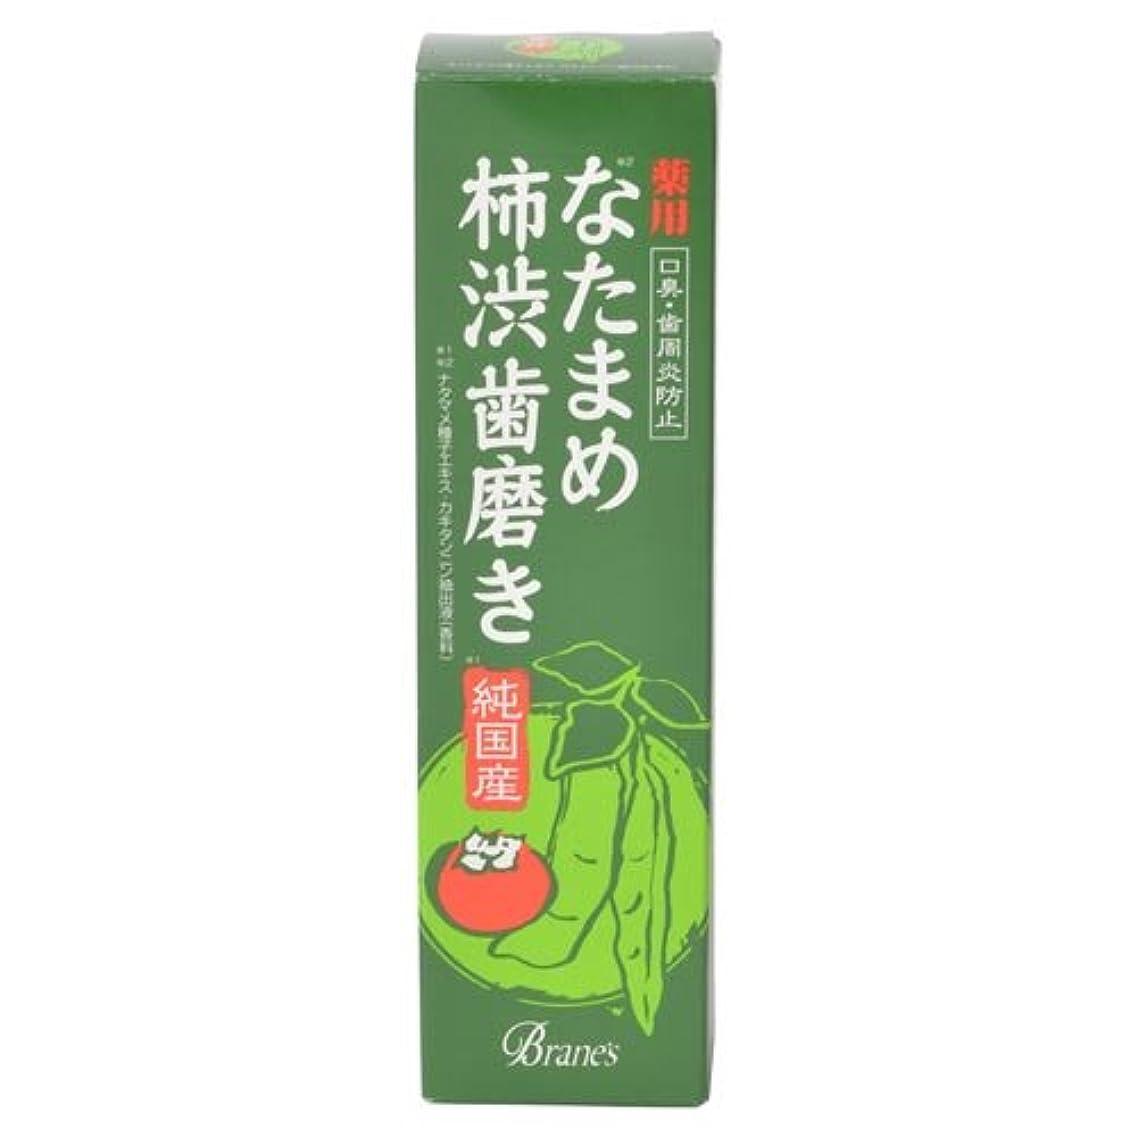 ビリー急勾配の振動させる薬用なたまめ柿渋歯磨き 120g